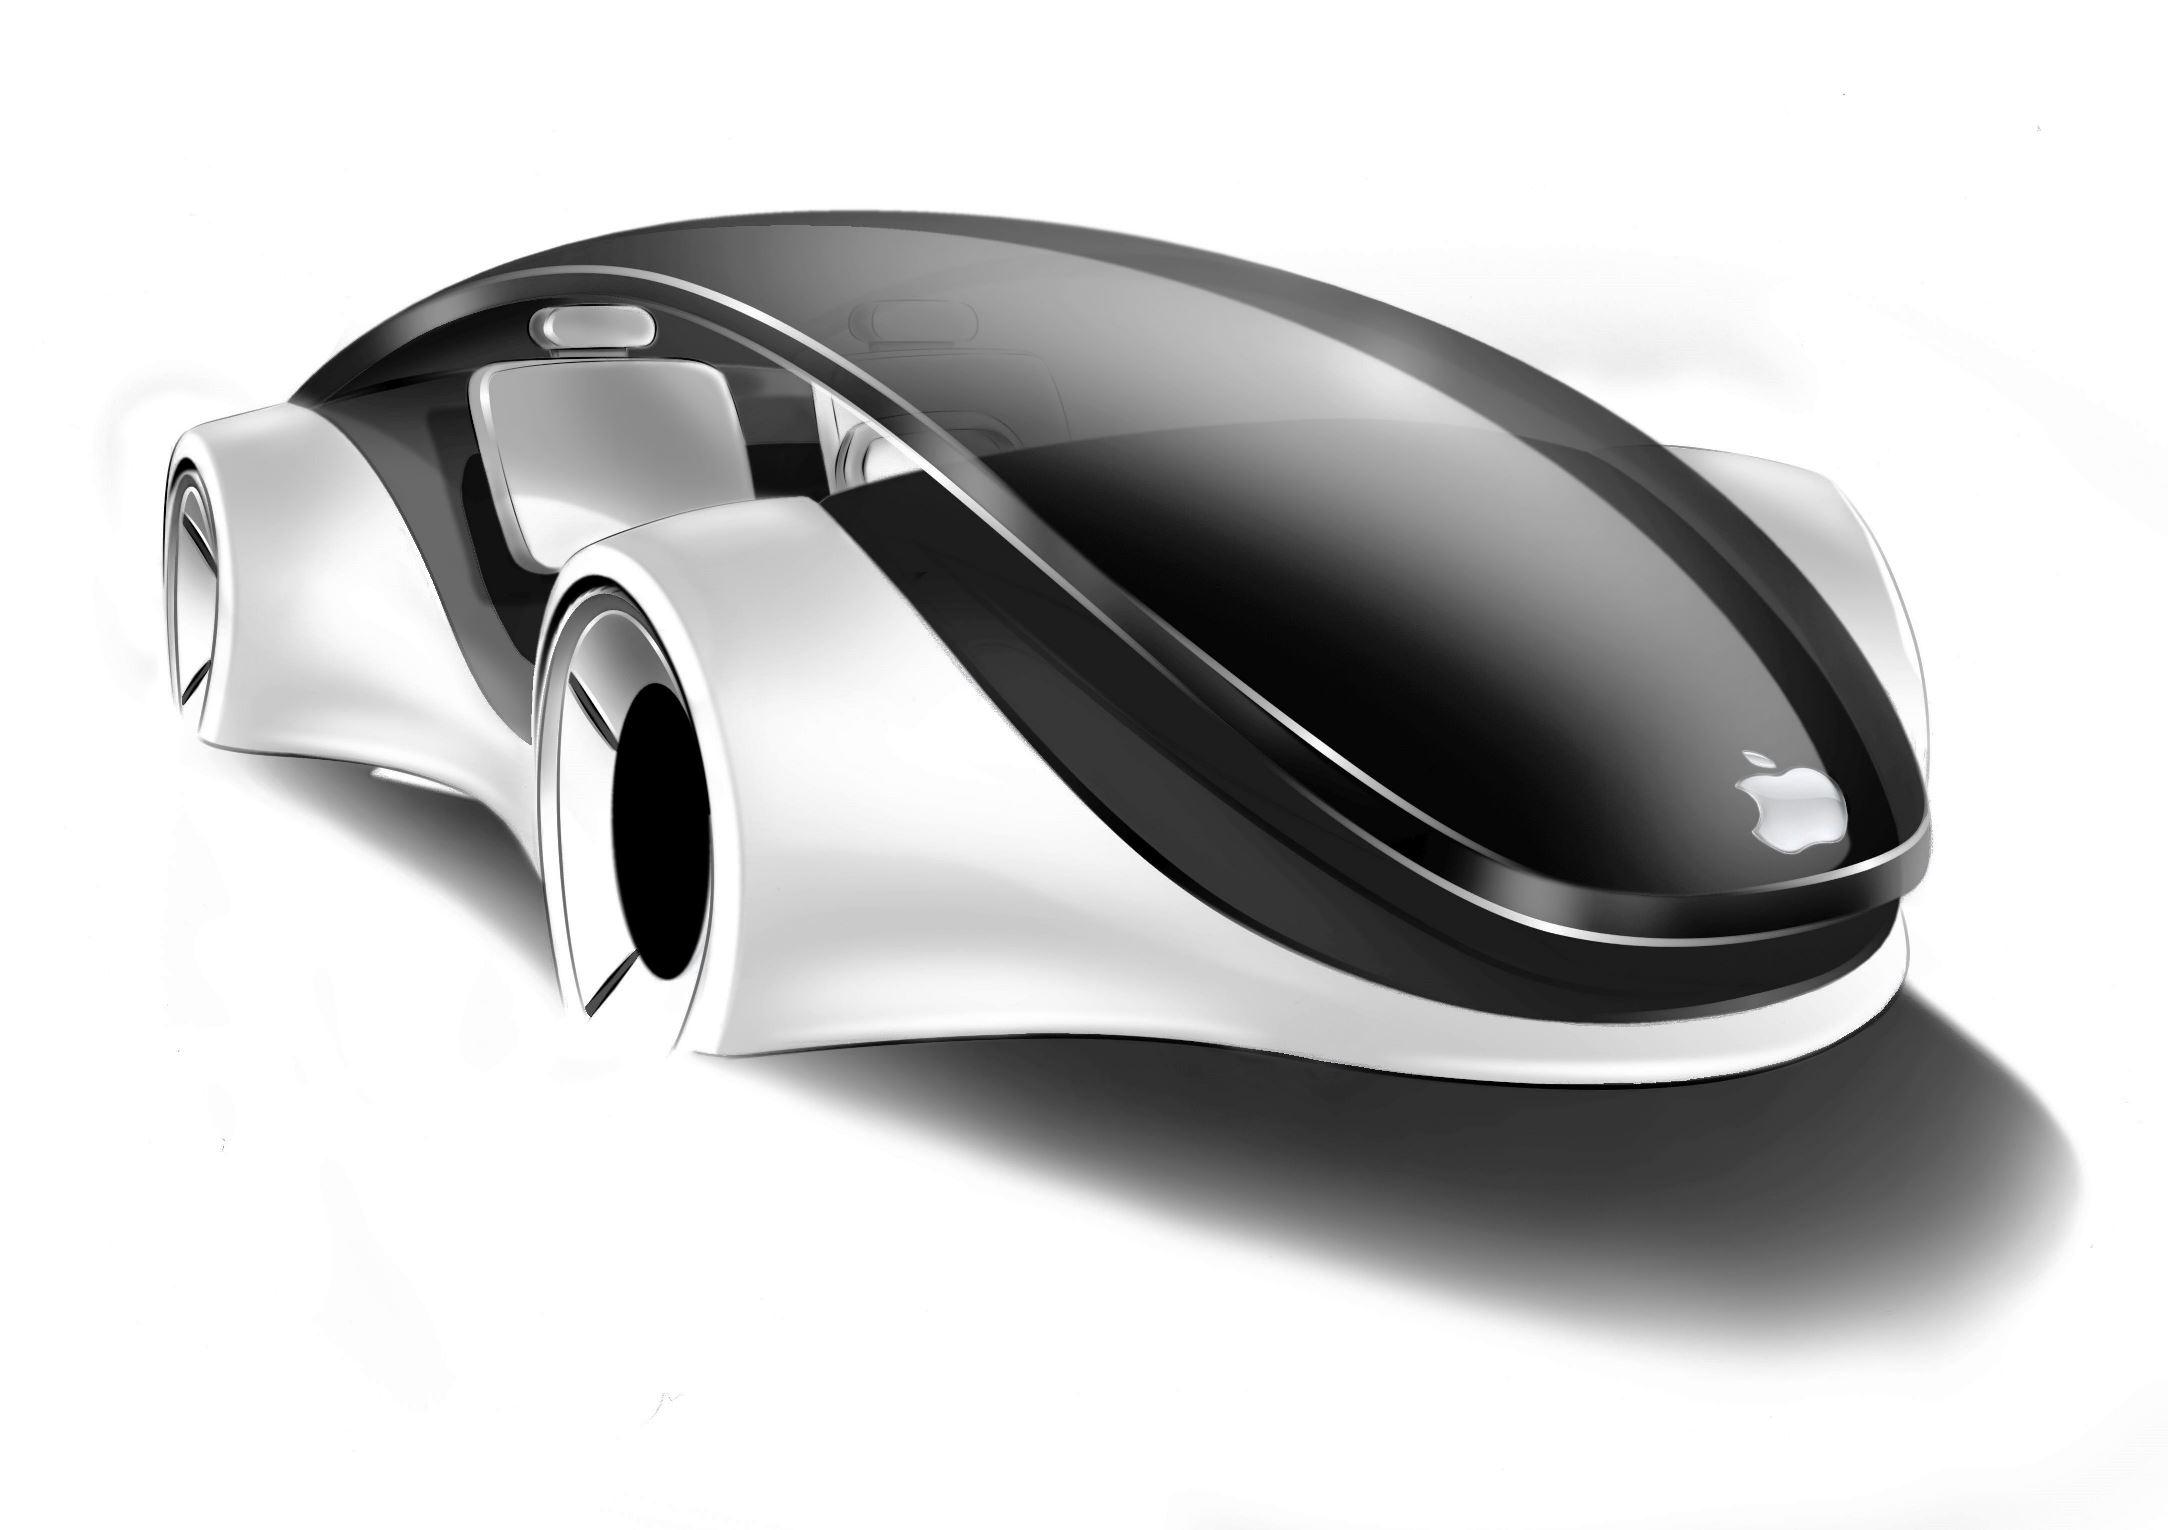 Τι σημαίνει για την Tesla το να βγει ένα Apple Car στους δρόμους;